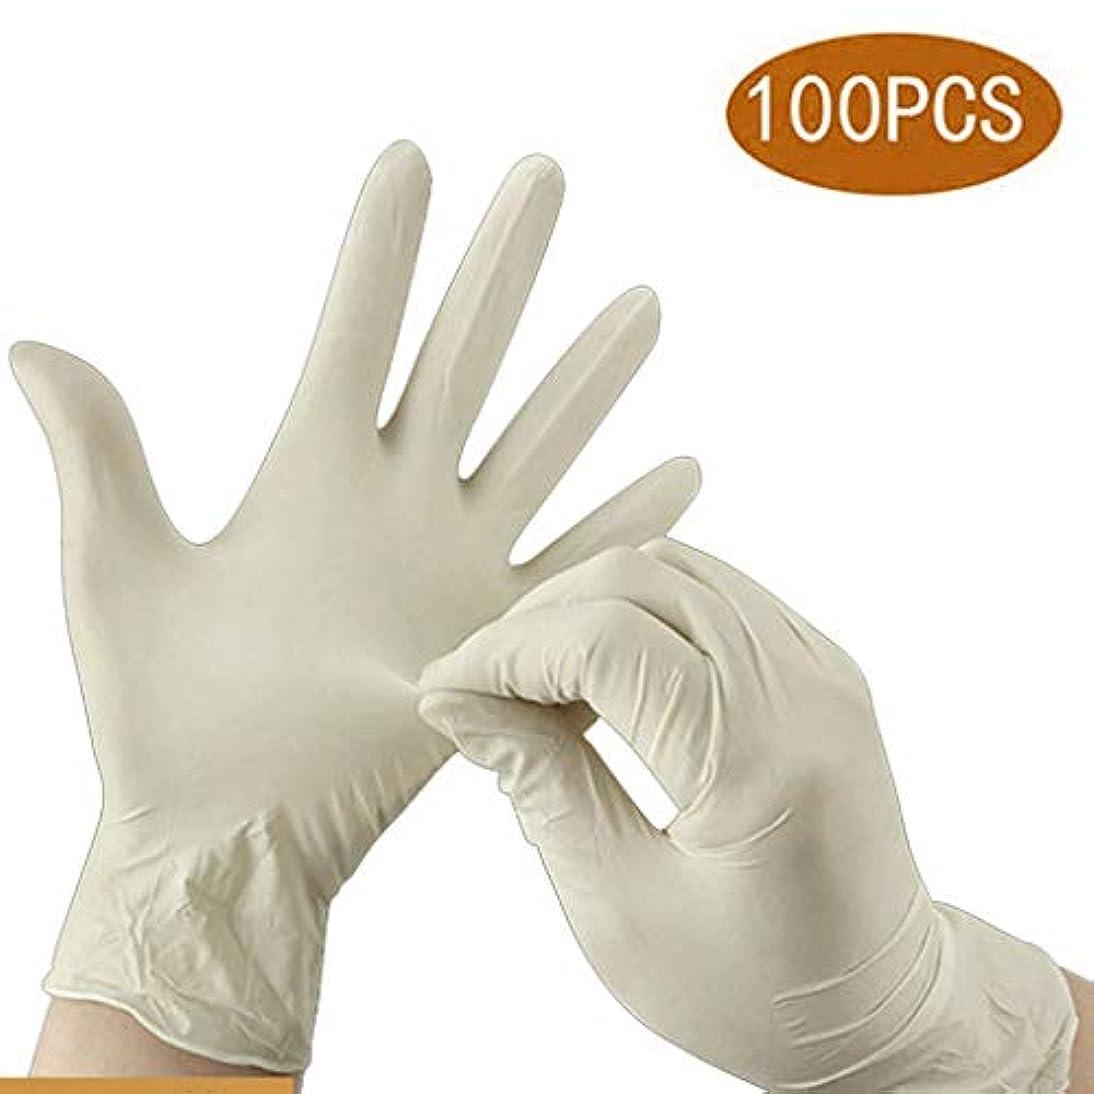 安全性機知に富んだ加速する9インチ使い捨てラテックス手袋、パウダーフリー、個別包装され、耐久性に優れ、労働保険、食品検査用手袋|100の病院ボックスのプロフェッショナルグレード (Size : M)